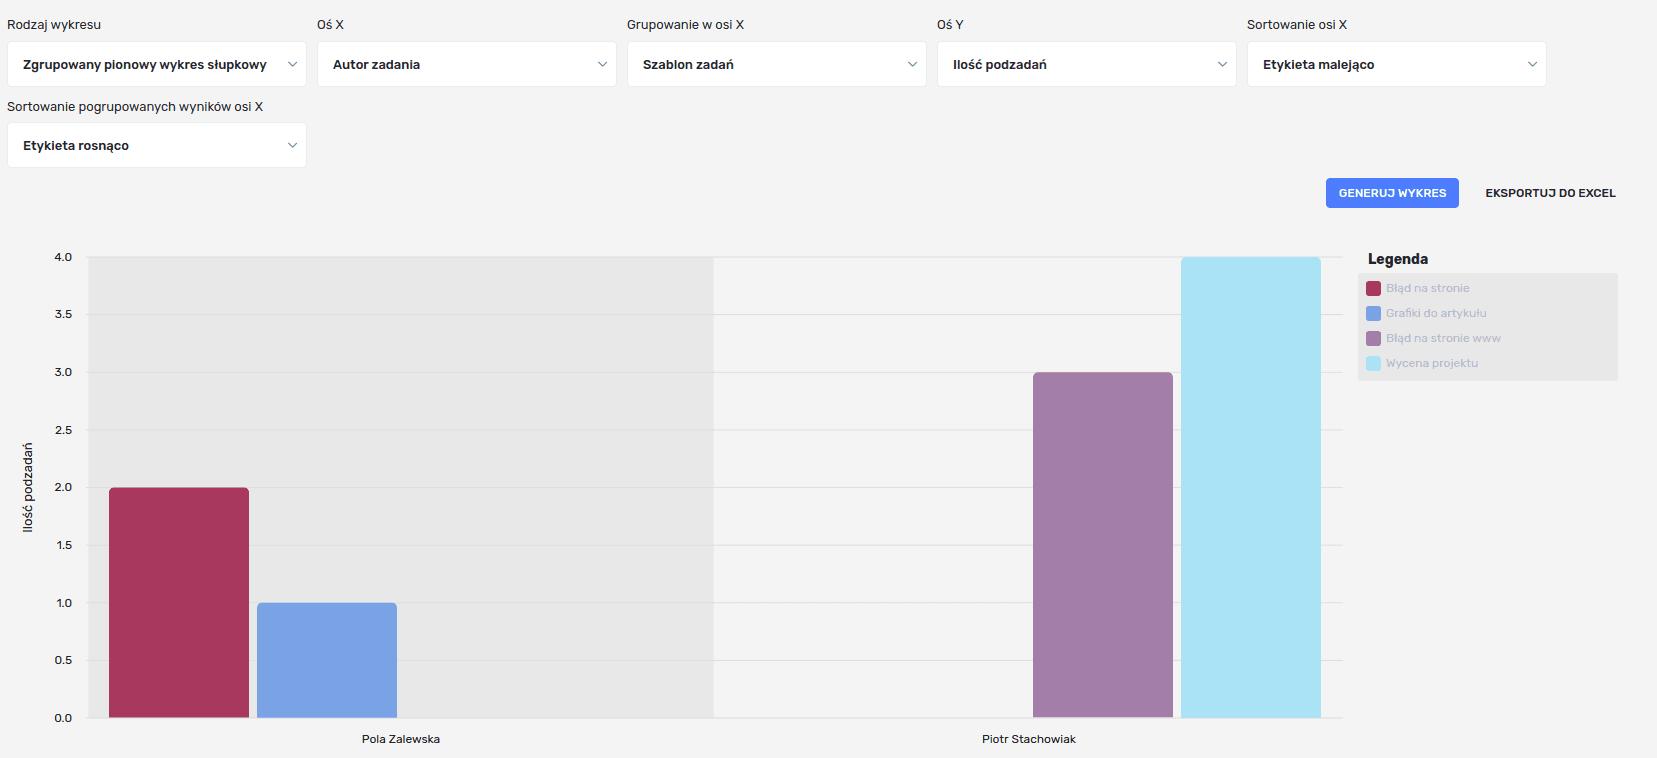 Przykładowy wykres złożony